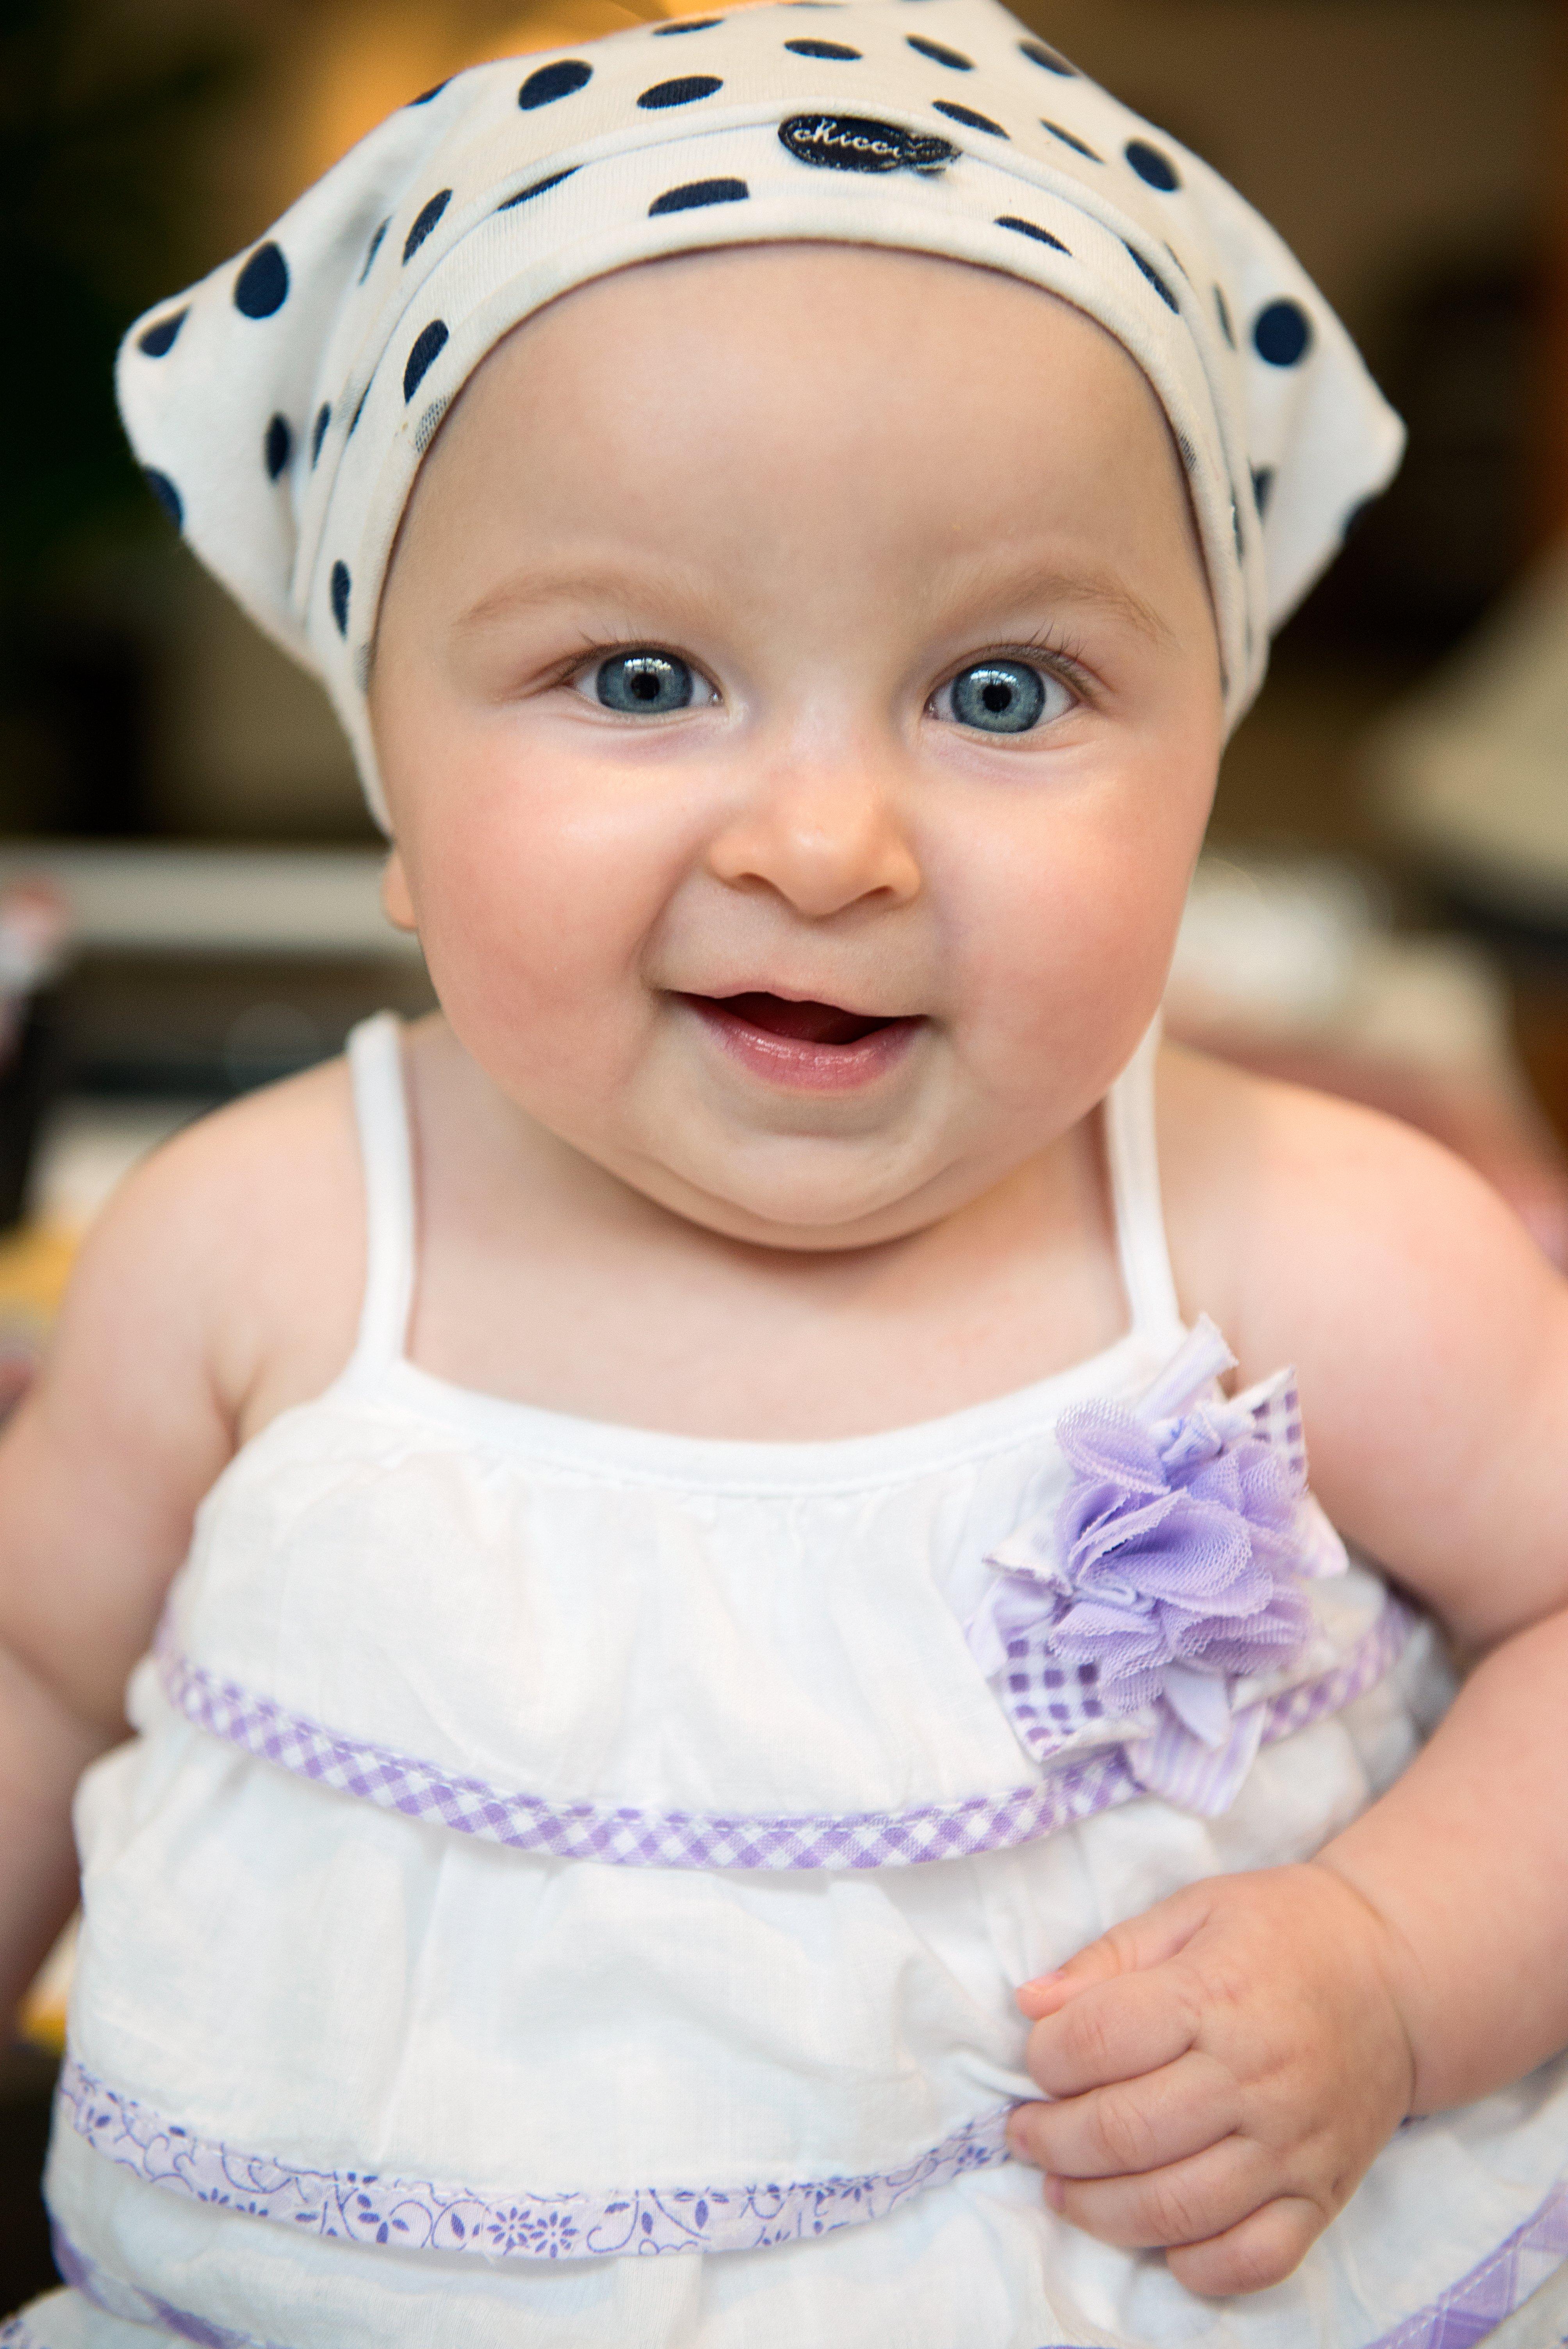 una bambina con un vestito di color bianco e lilla